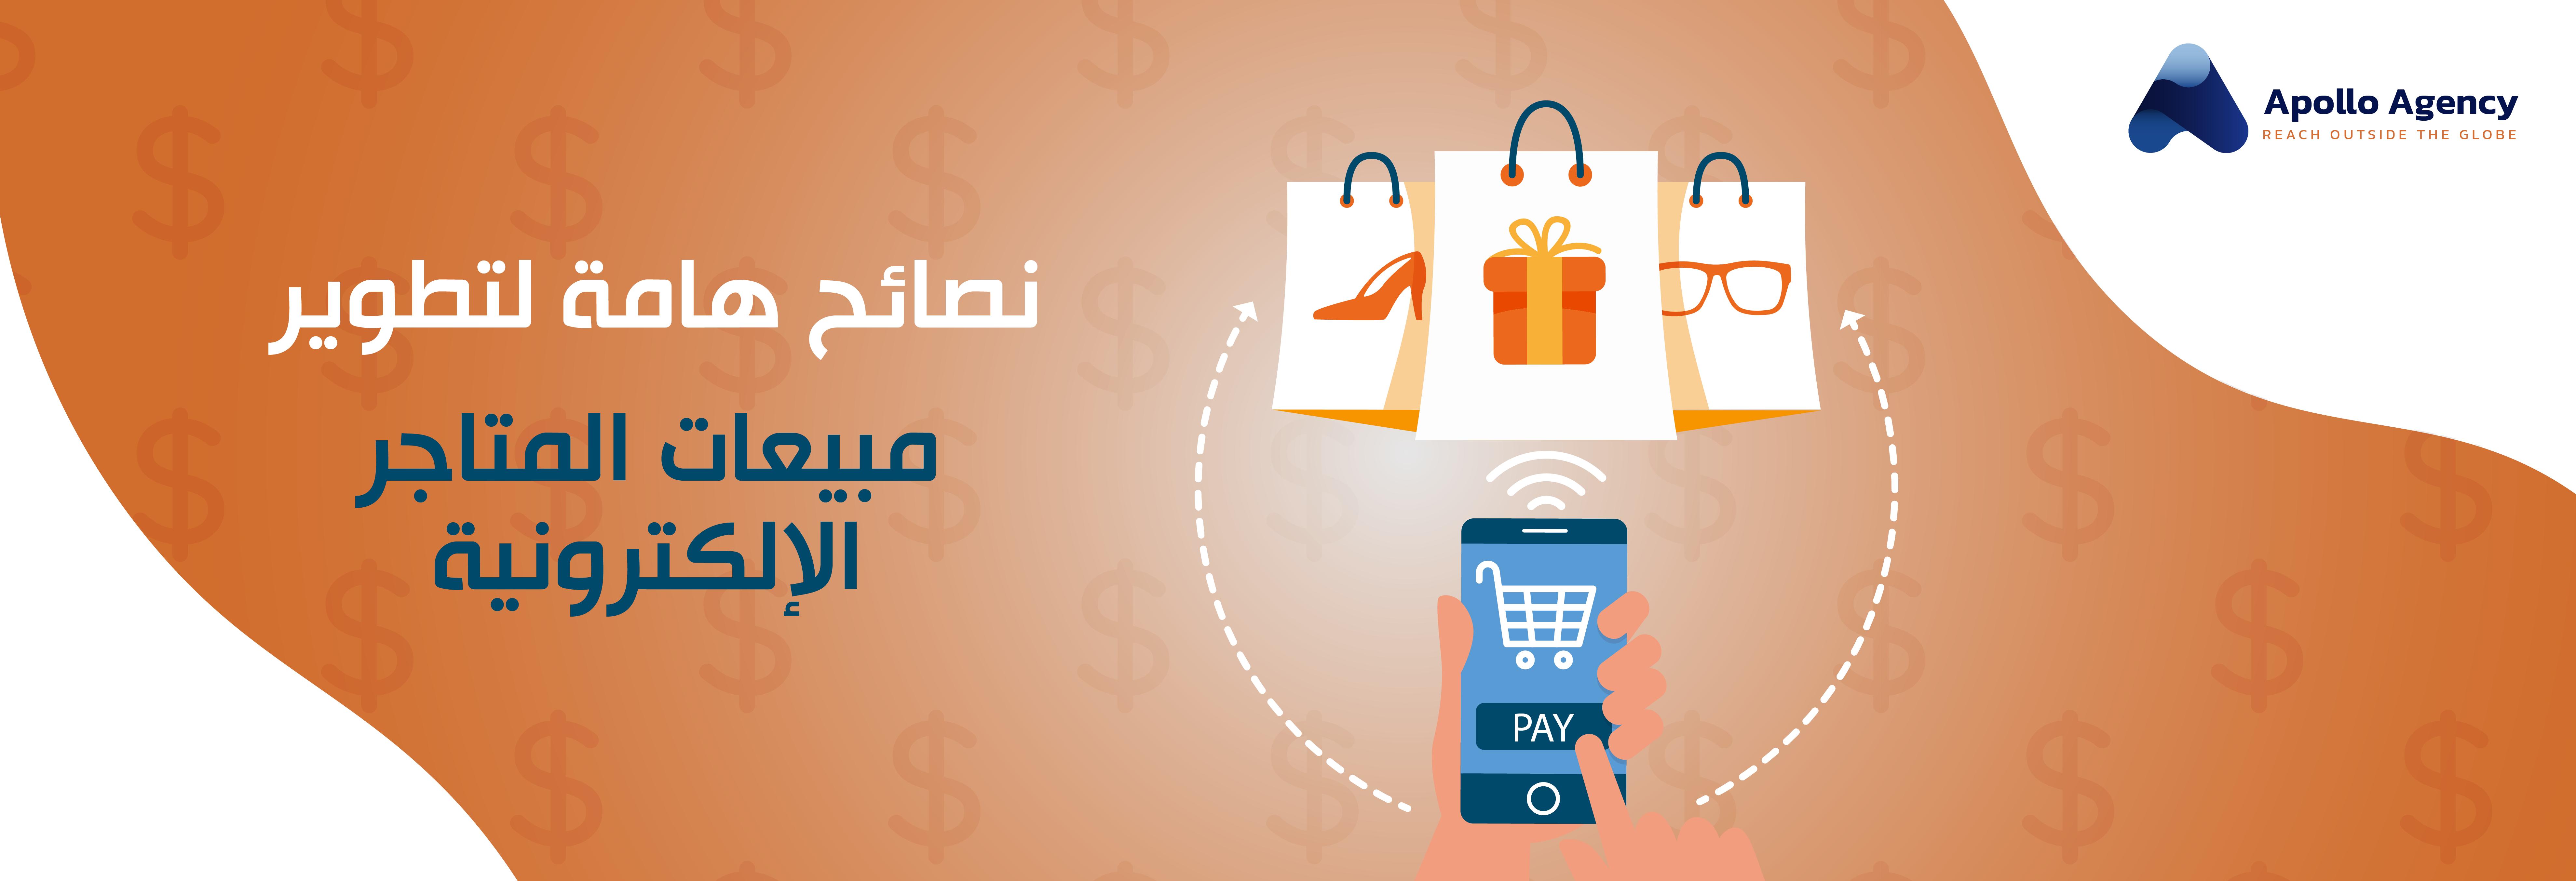 نصائح هامة لتطوير مبيعات المتاجر الإلكترونية